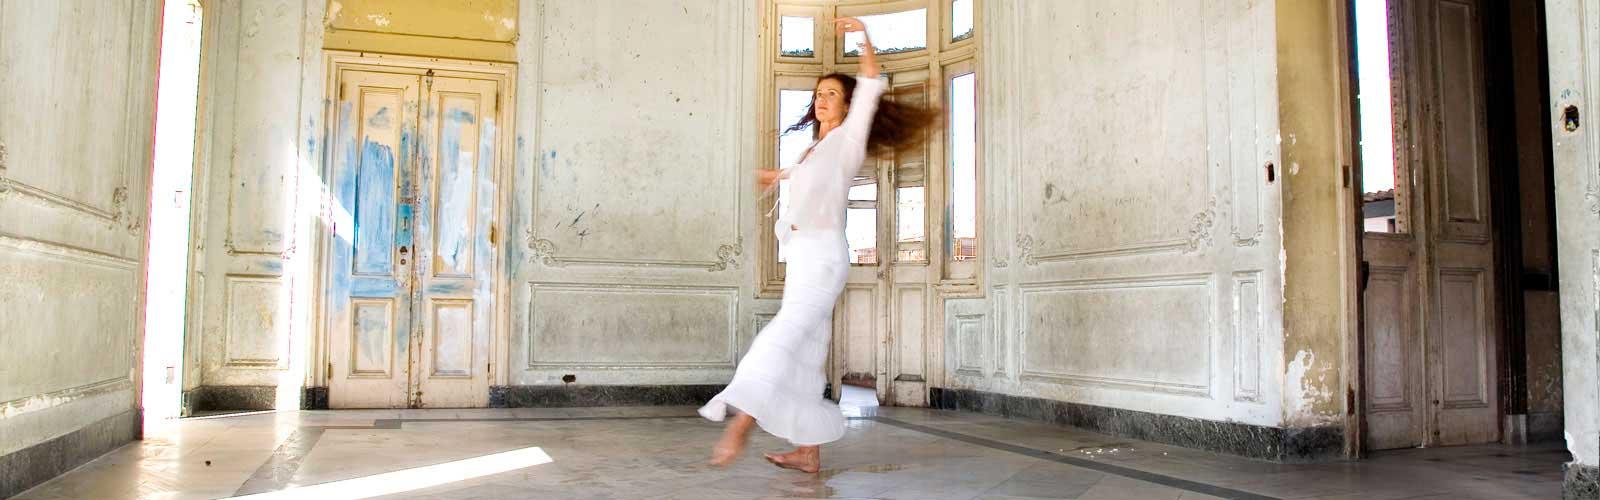 dansterapi, psykoterap, rörelse- och dansterapi